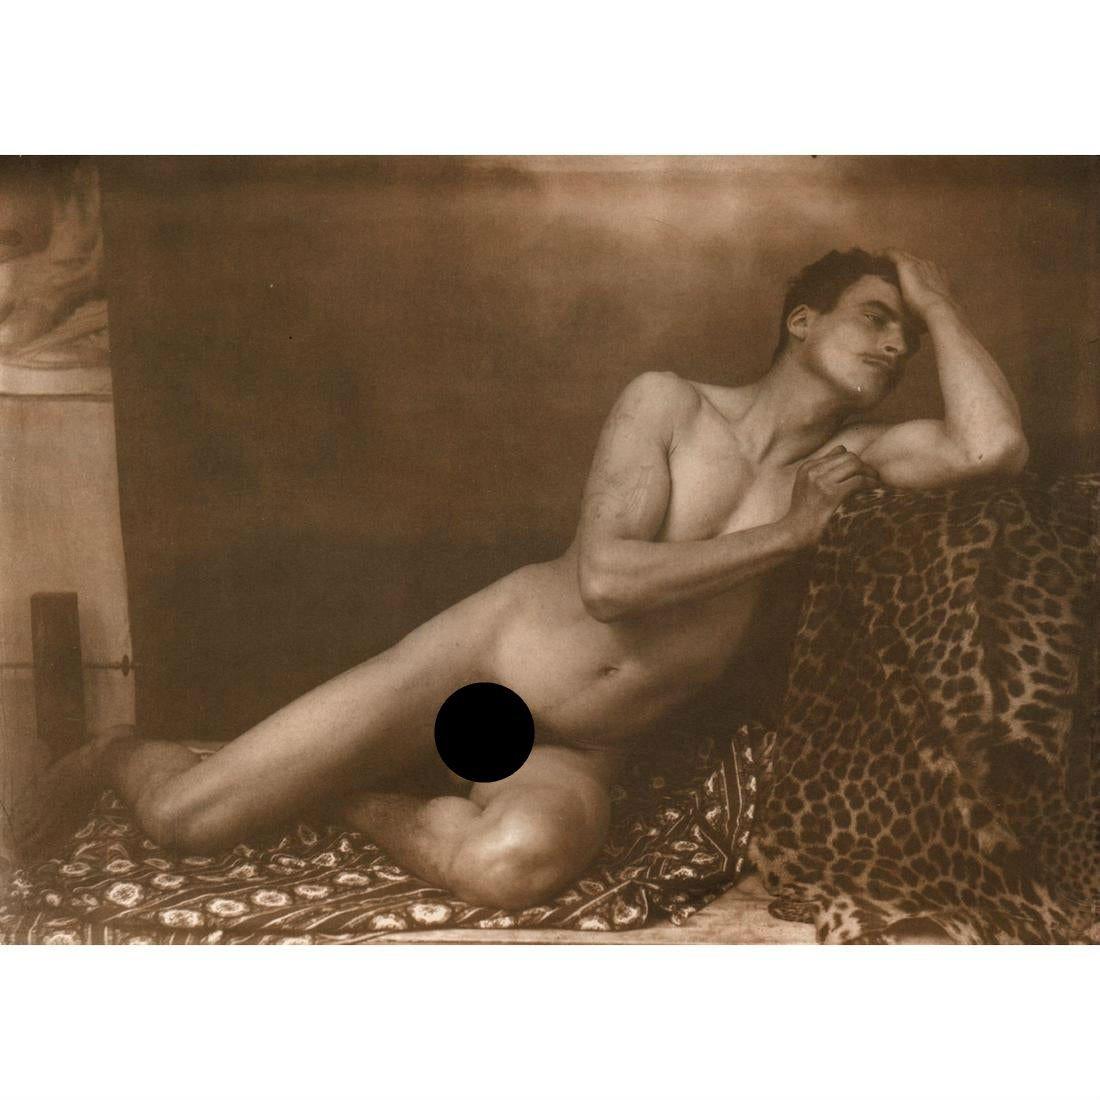 WILHELM VON GLOEDEN - Untitled, Male nude